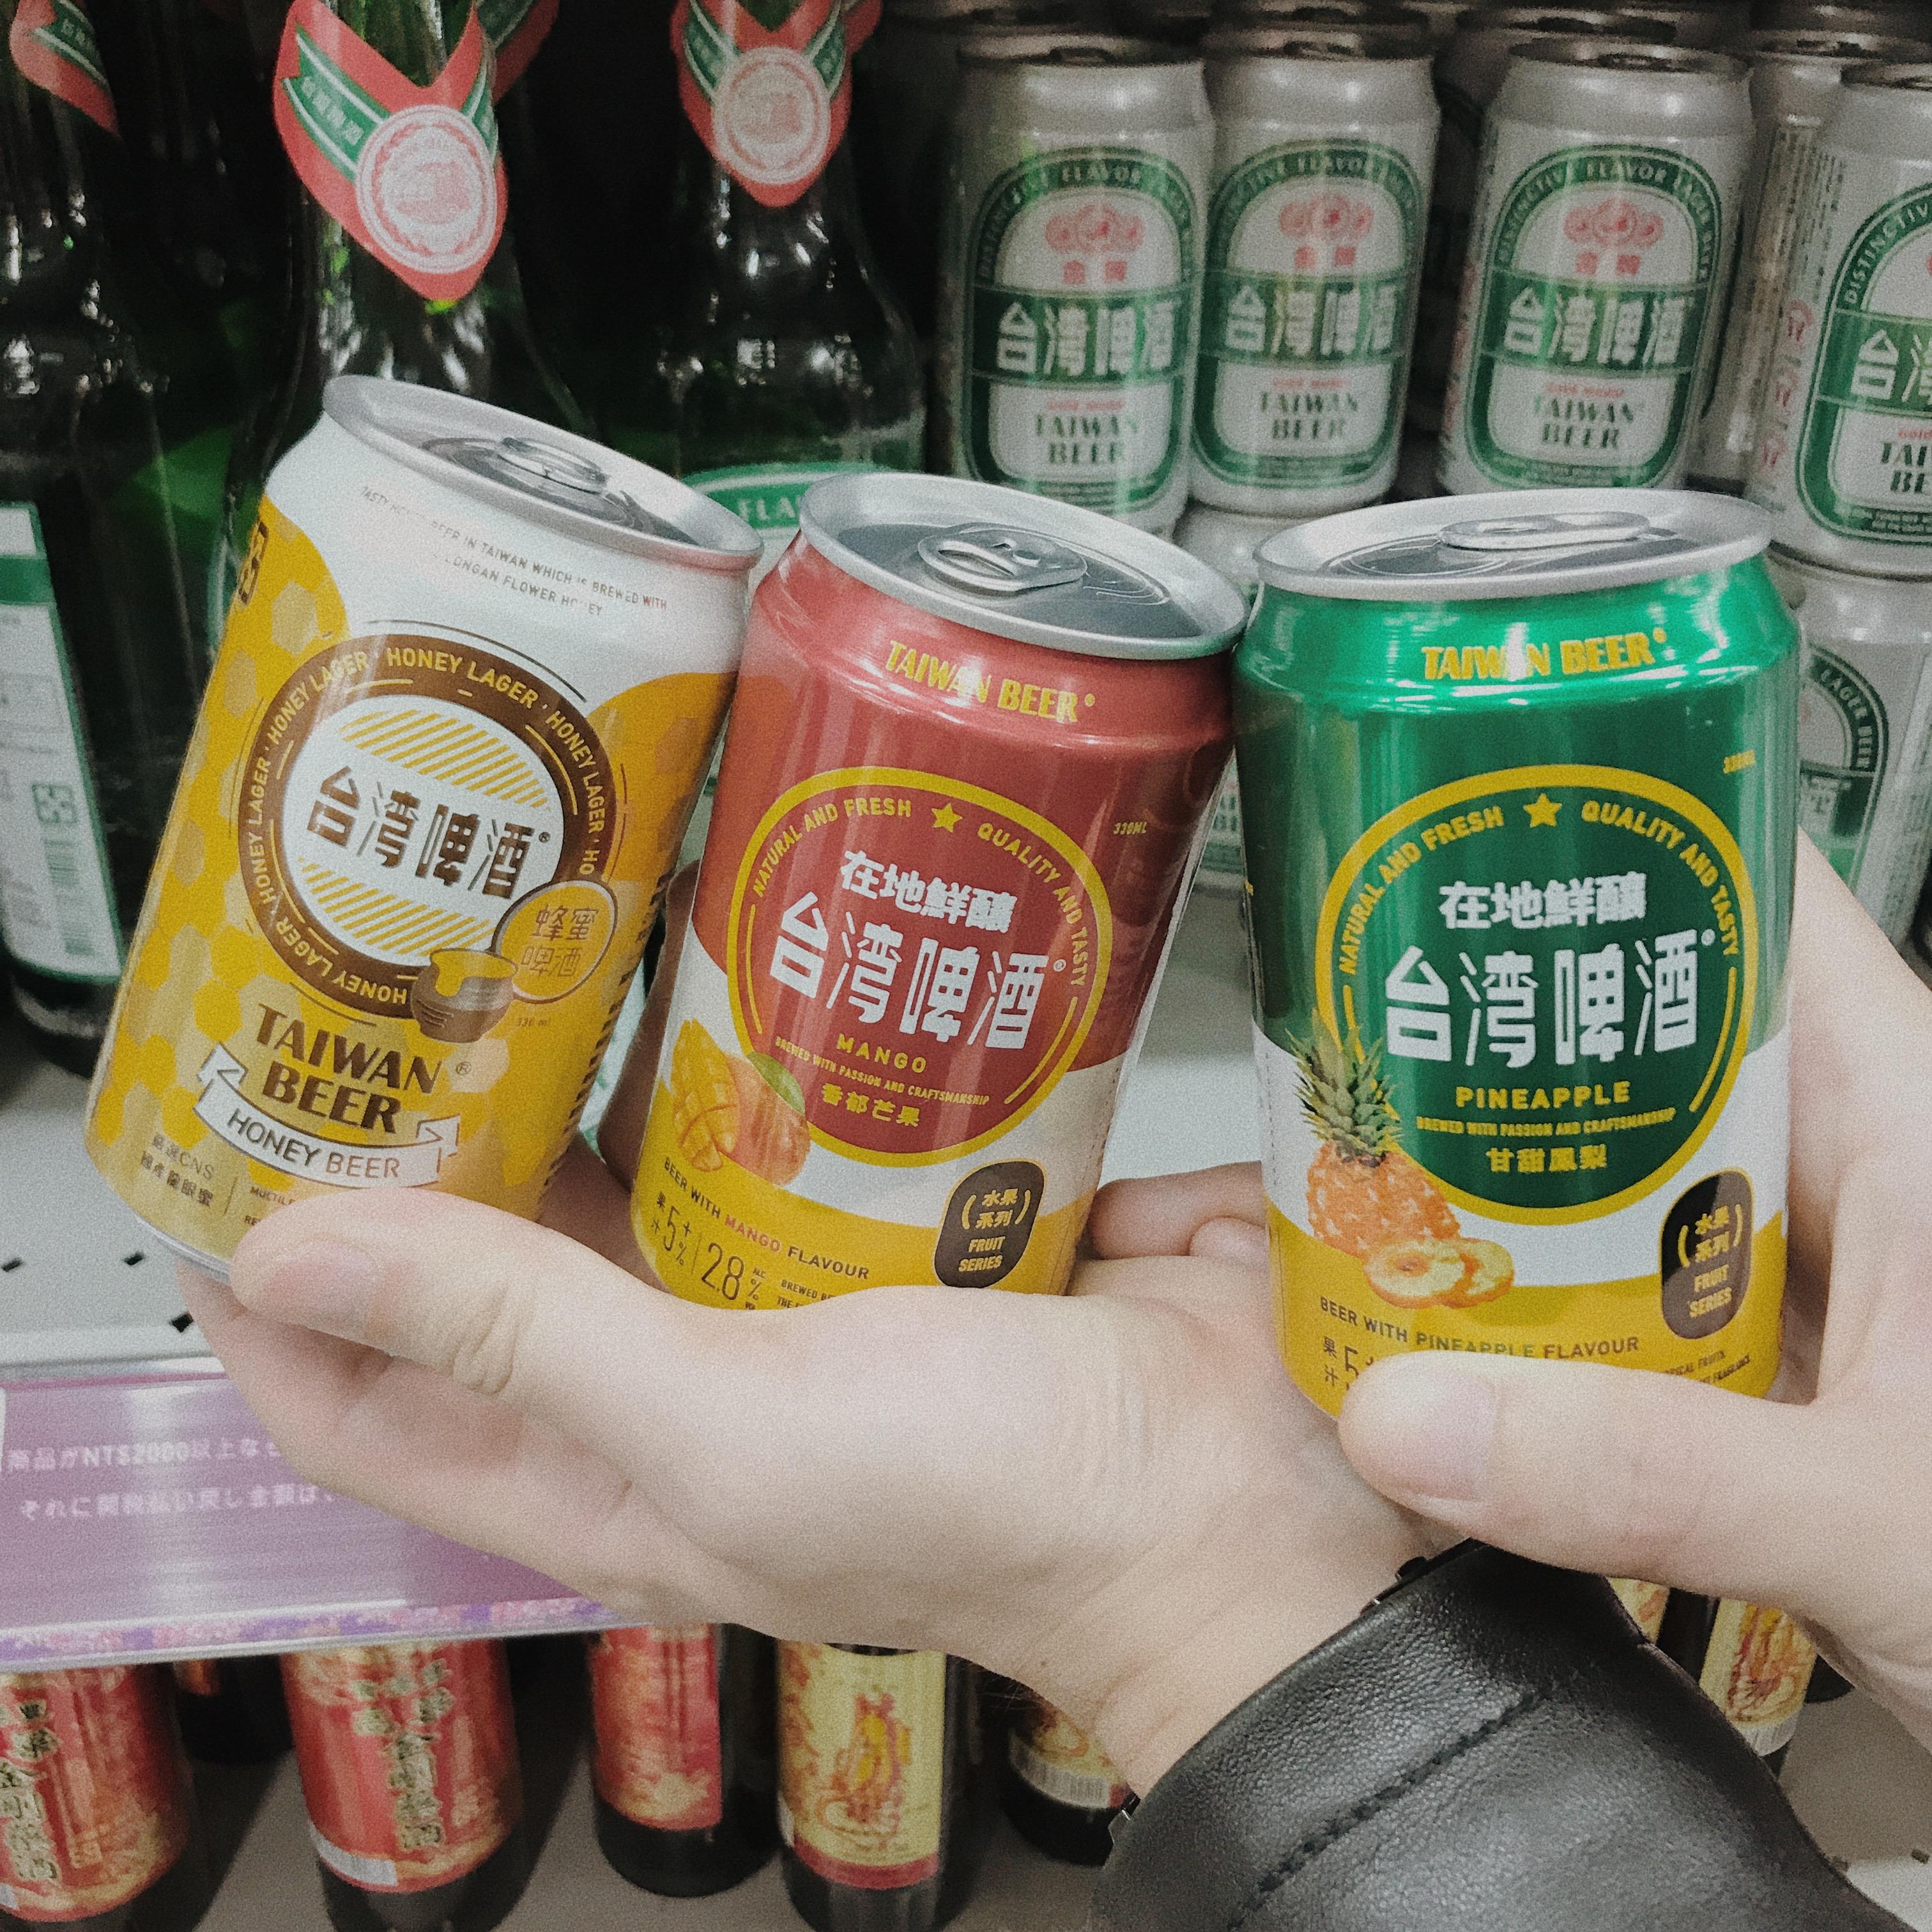 台灣啤酒口感清爽,還有許多加入水果的口味受到喜愛。 《喝酒請勿開車,未滿18歲禁止飲酒》